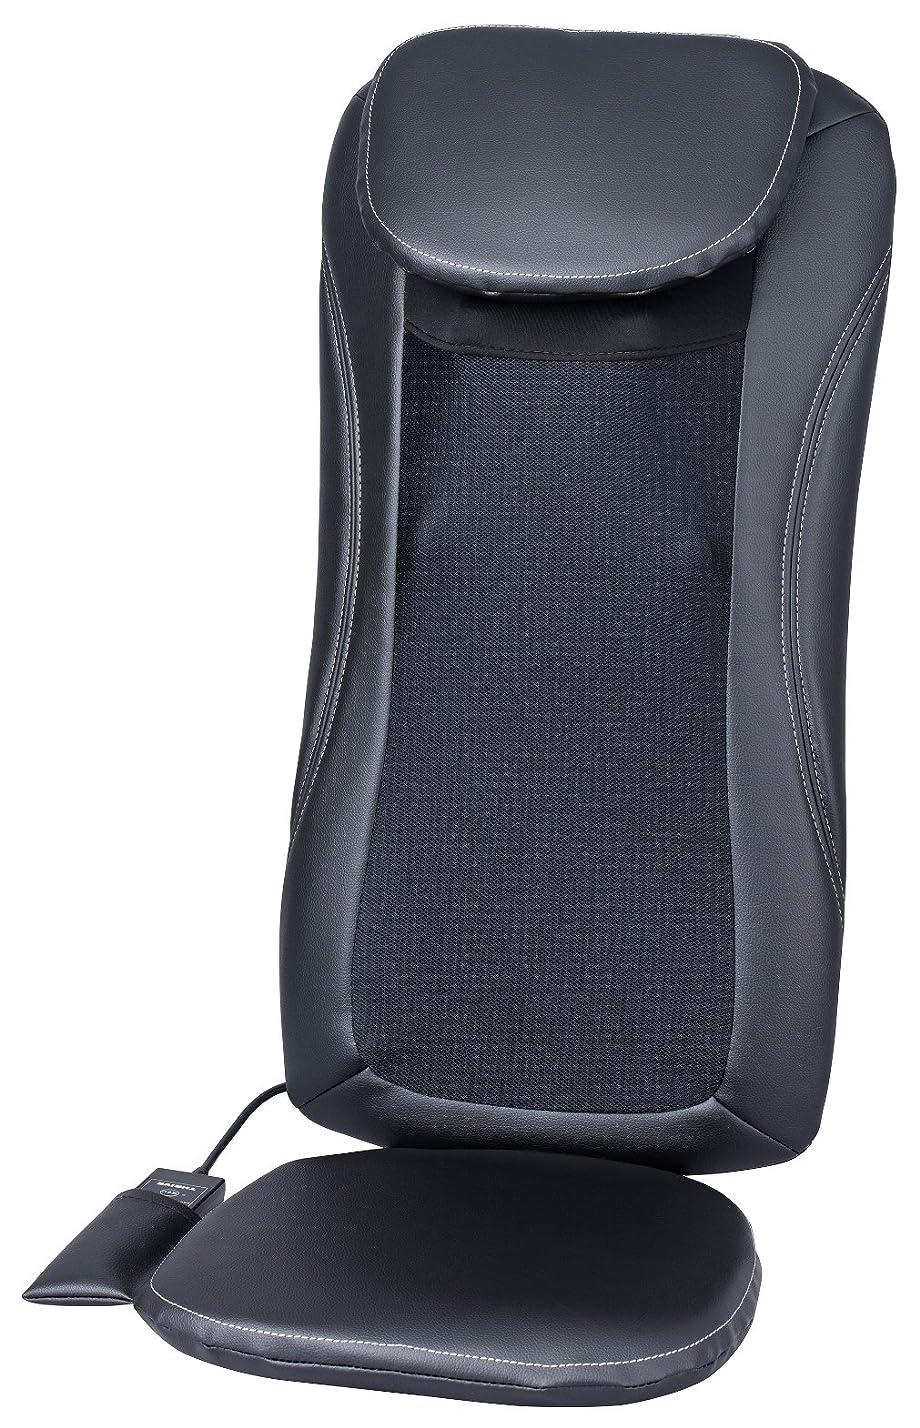 派手肉屋ファンスライヴ マッサージシート 「横回転もみ玉搭載」 ブラック MD-8600 BK